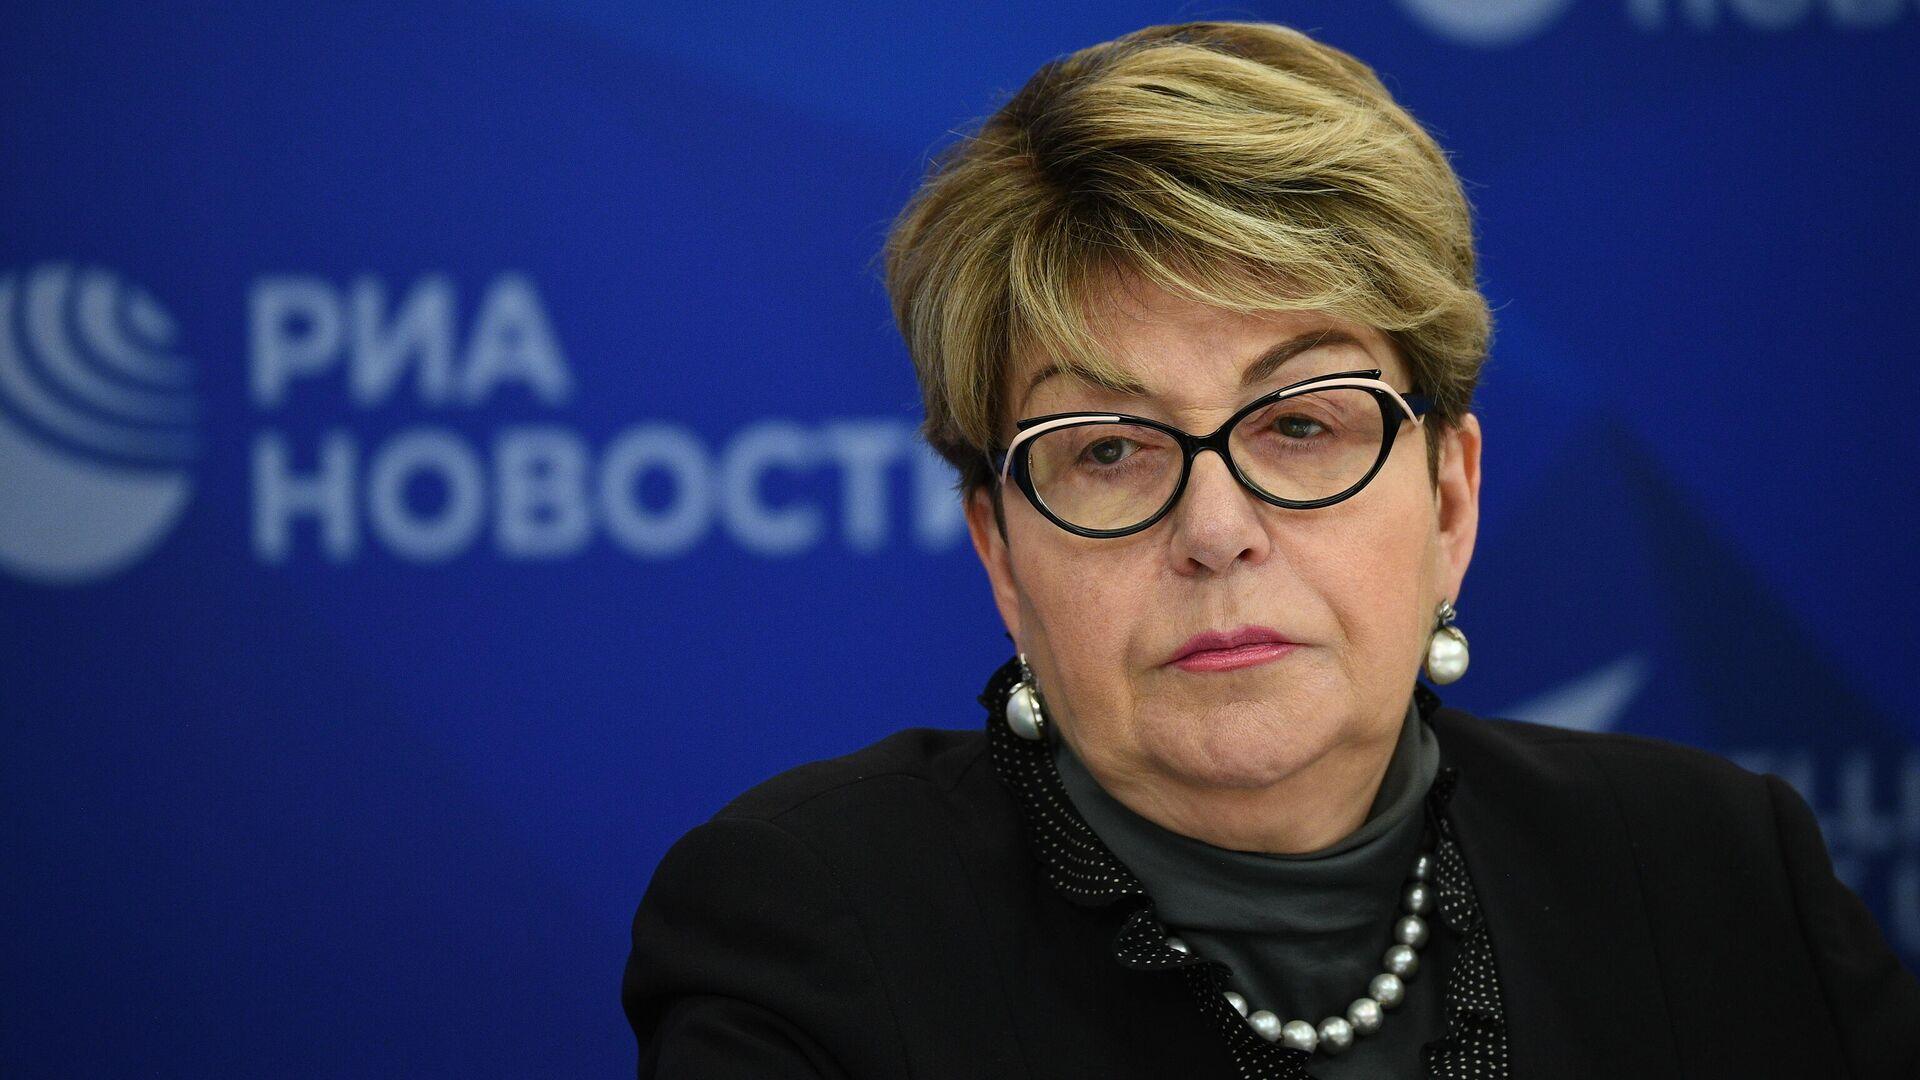 София может подписать долгосрочный газовый договор с Россией, считает посол